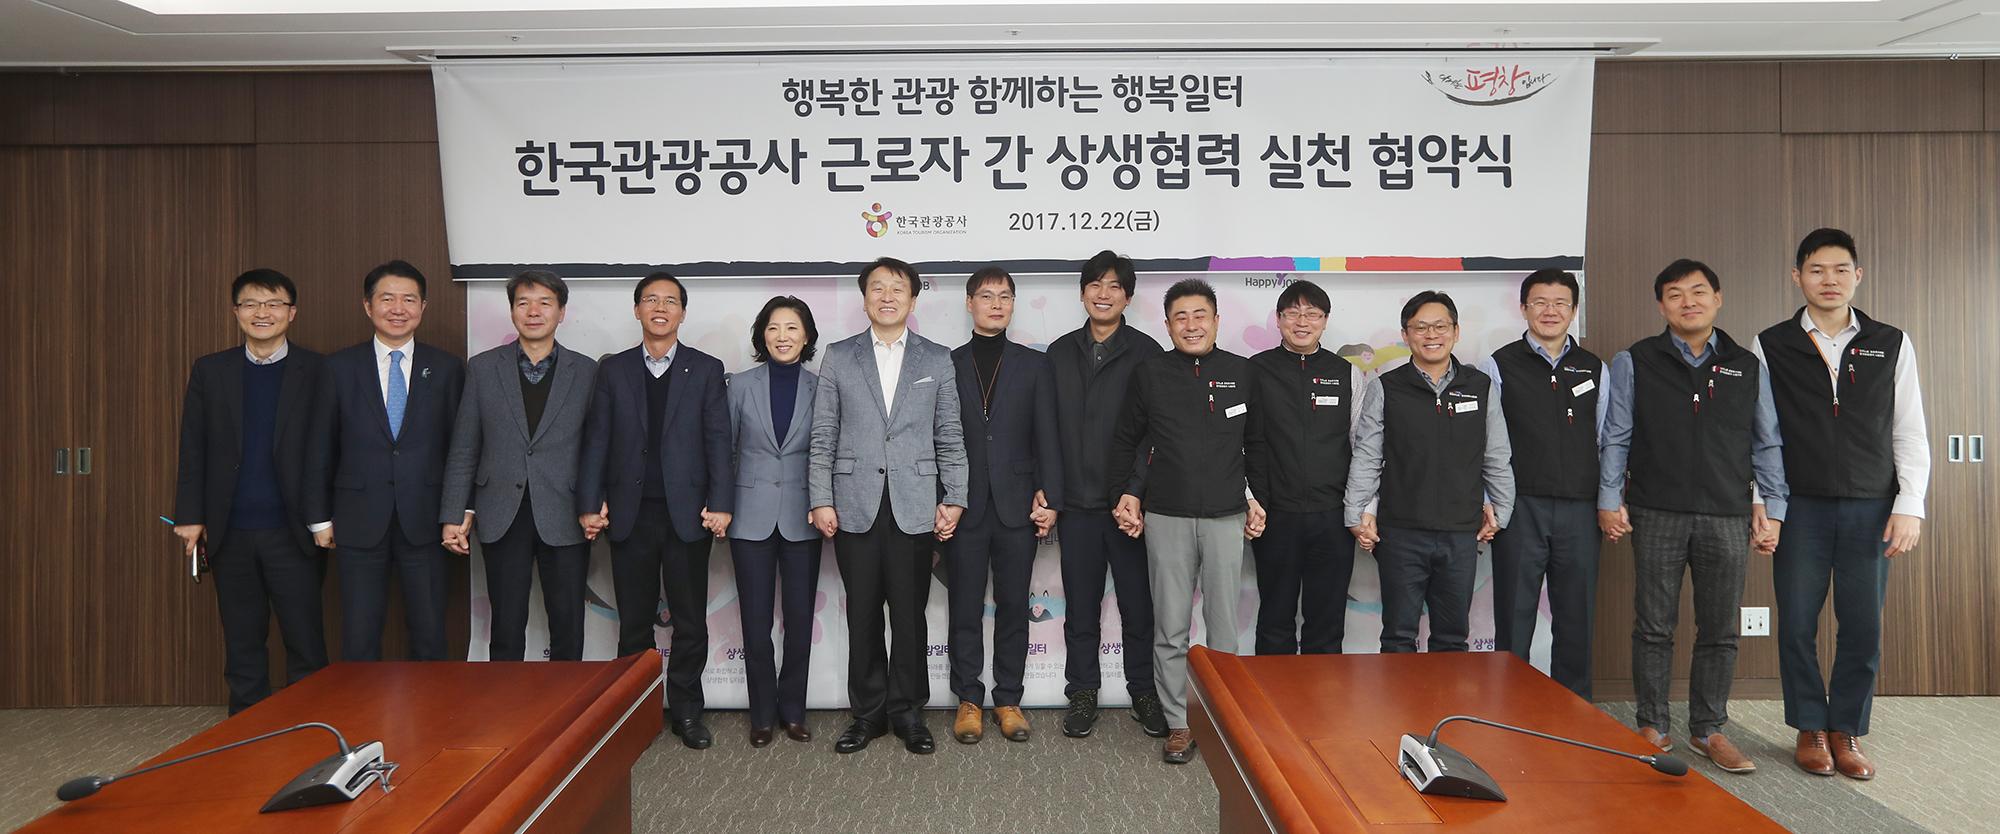 KTO, 공공기관 최초 노사·노노 상생협력 실천 협약 체결